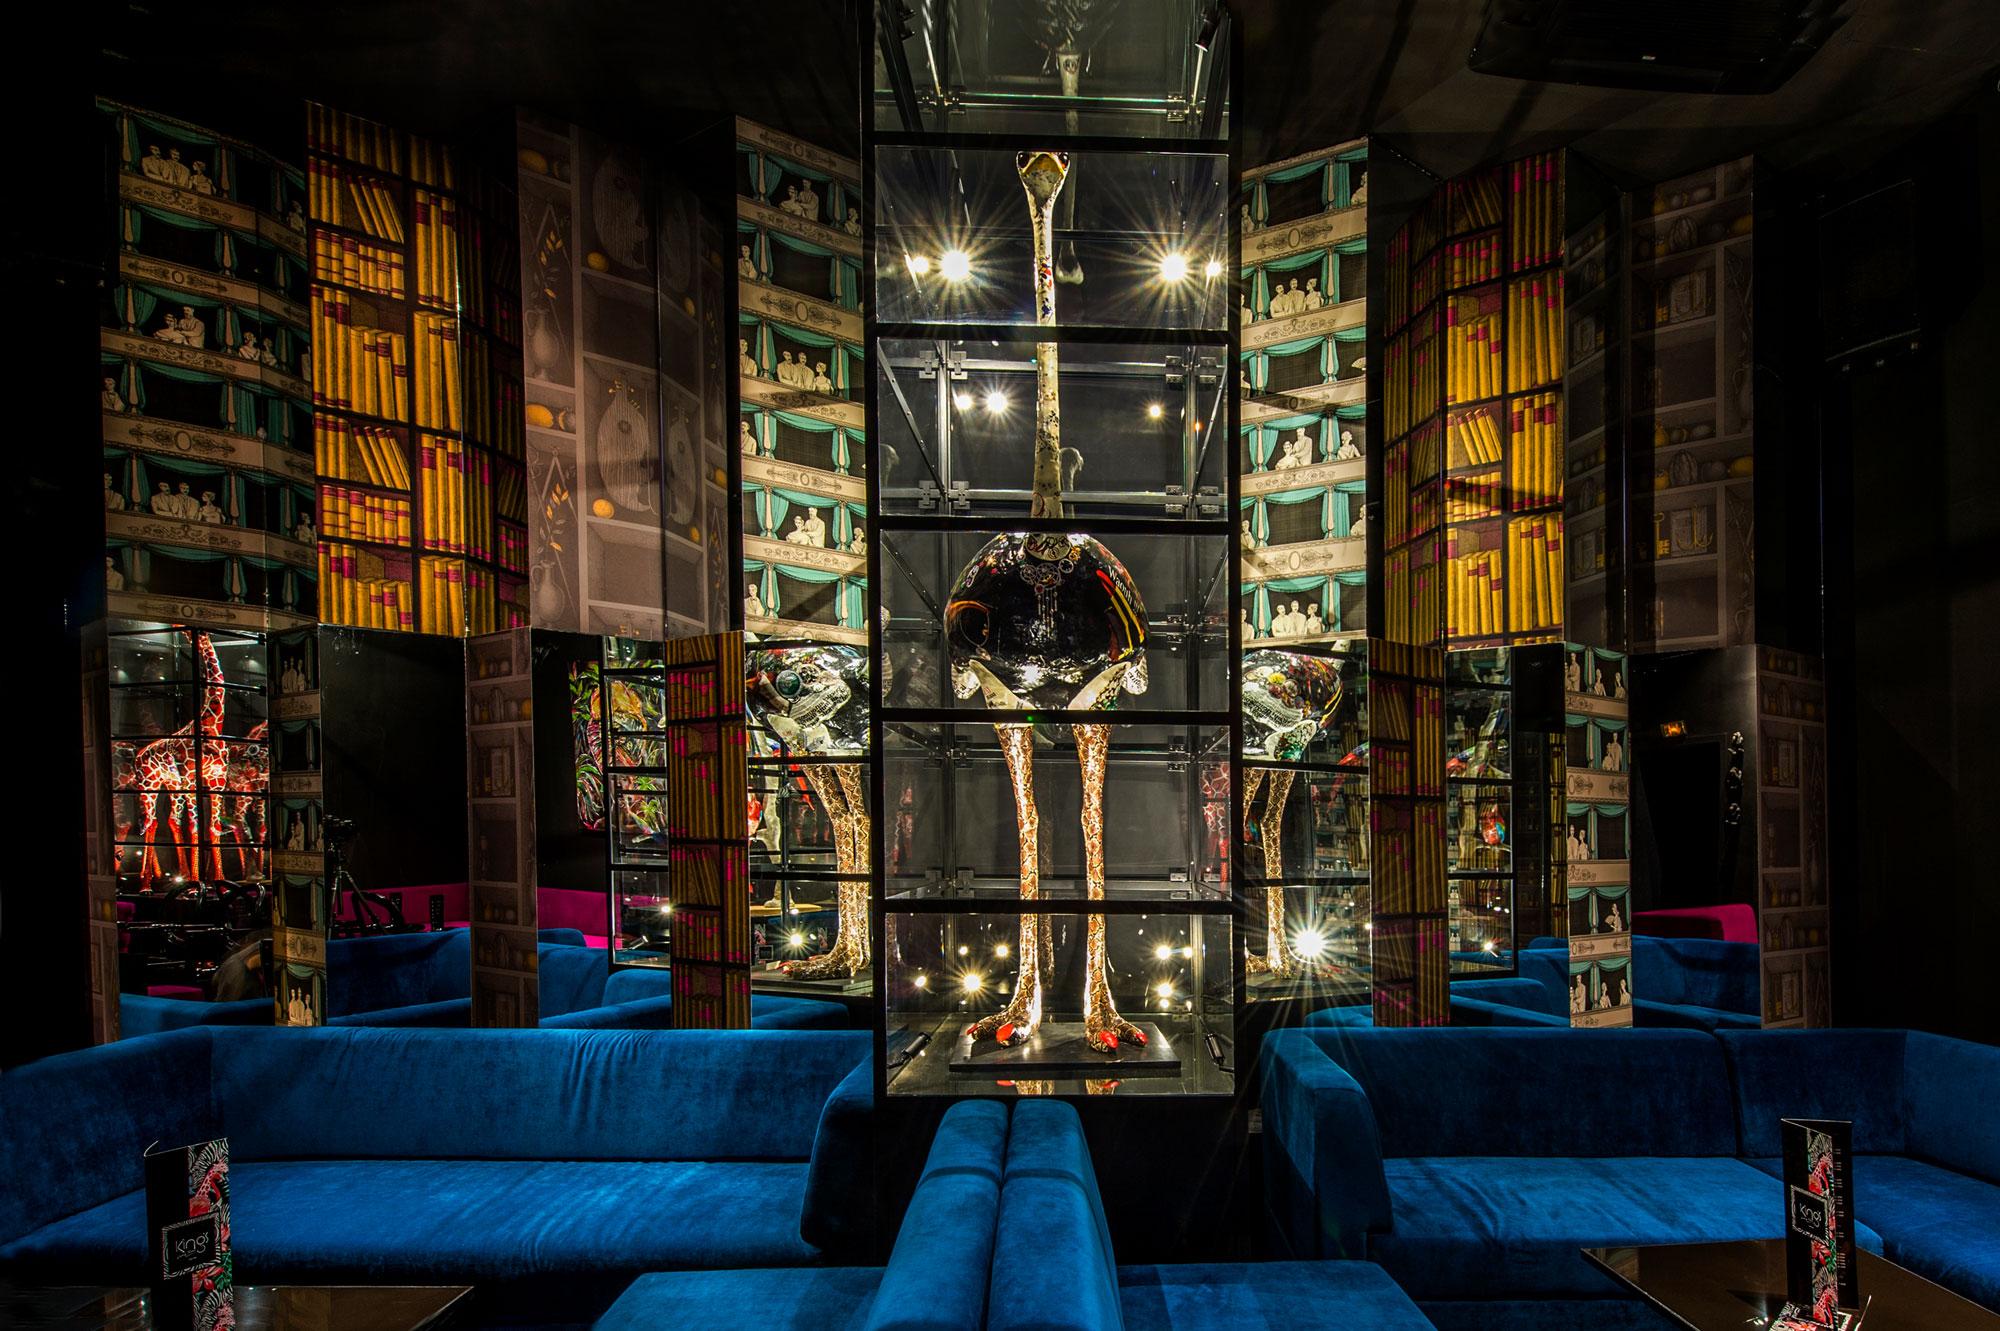 Le Kings Club réinvente les soirées dakaroises : Discothèque, club, night, soirée, party, concert, boite, nuit, week, end, loisirs, ambiance, sortie, musique, DJ, danse, Kings, bar, LEUKSENEGAL, Dakar, Sénégal, Afrique